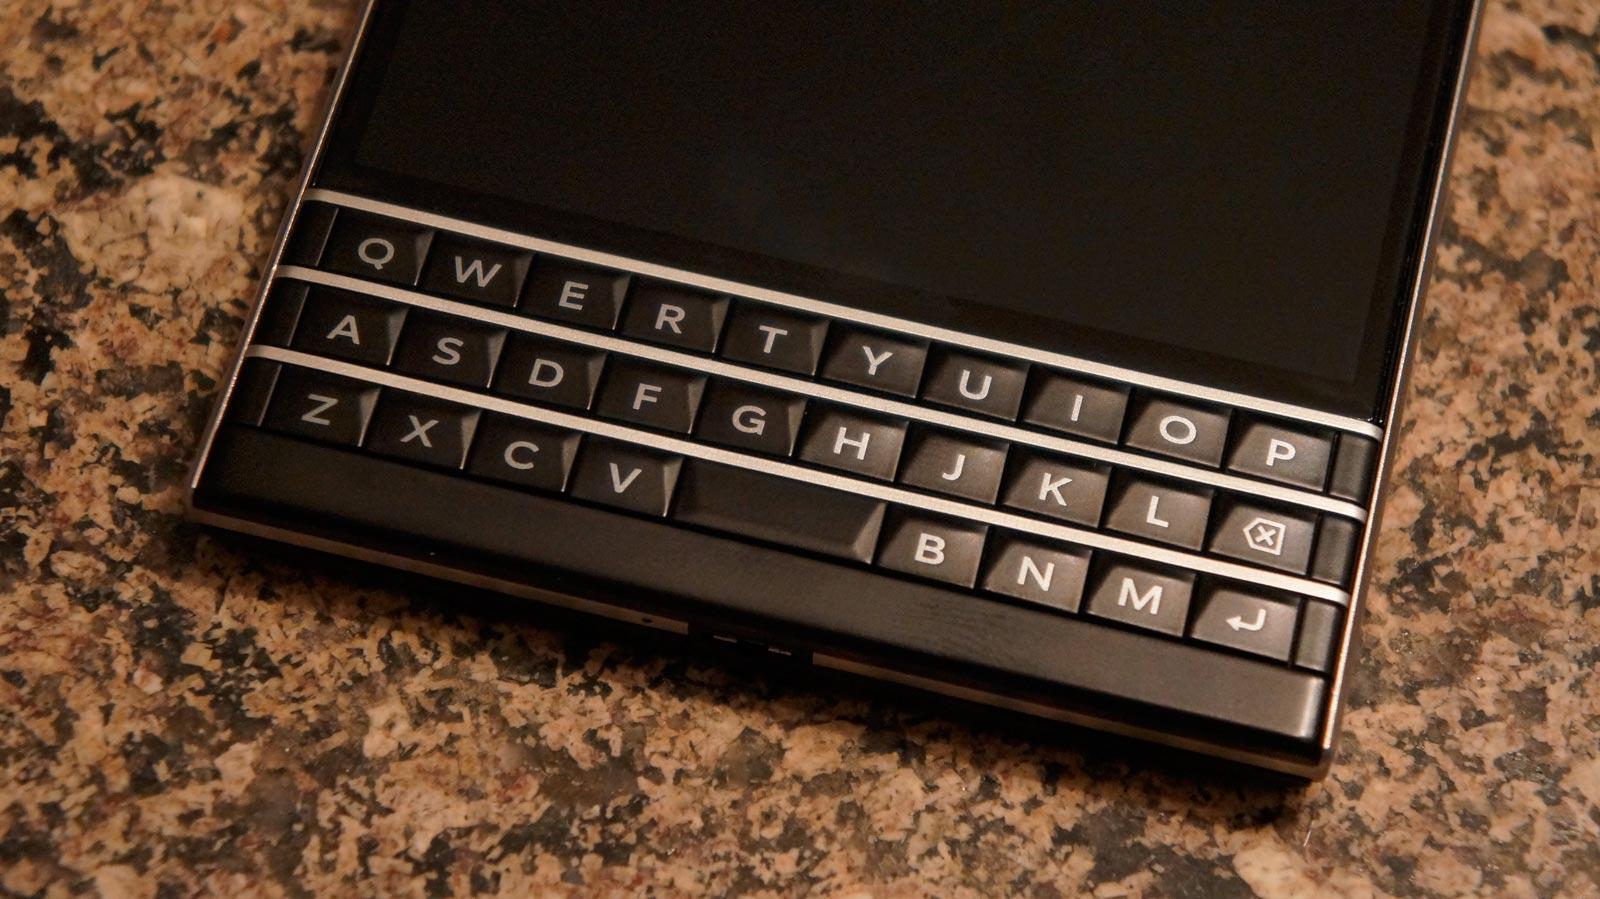 blackberrypassport_clavier